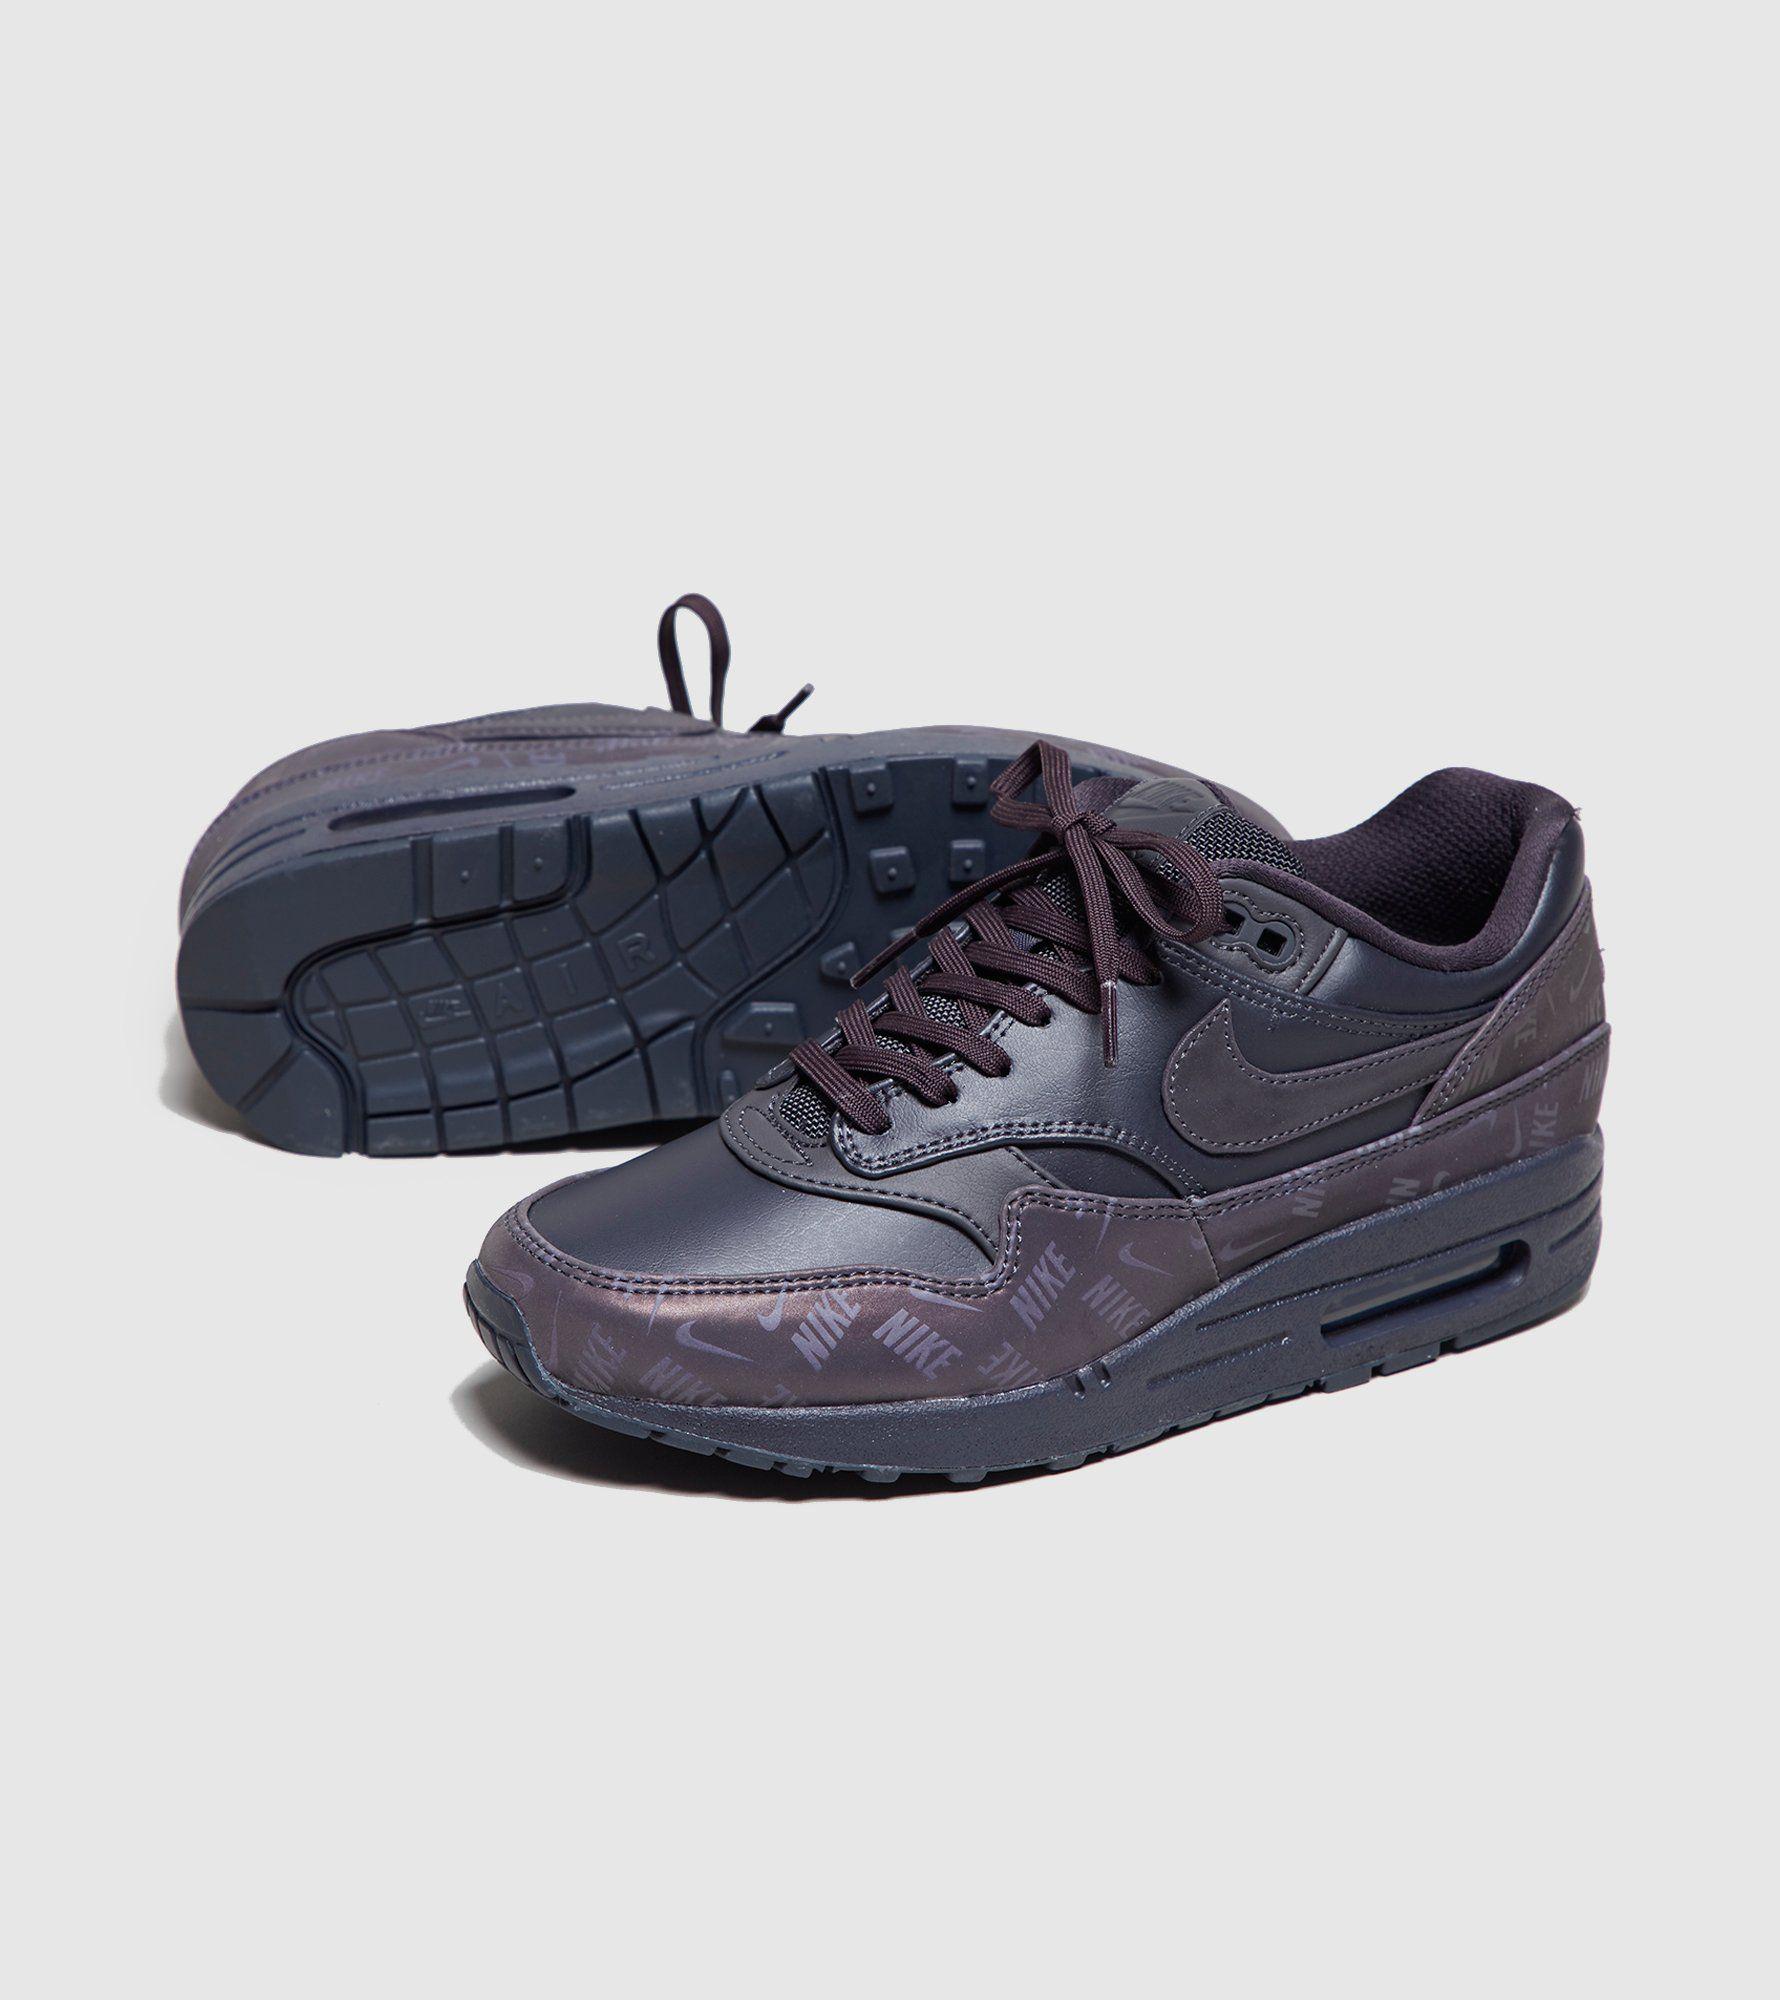 Nike Air Max 1 'Stealth' Women's